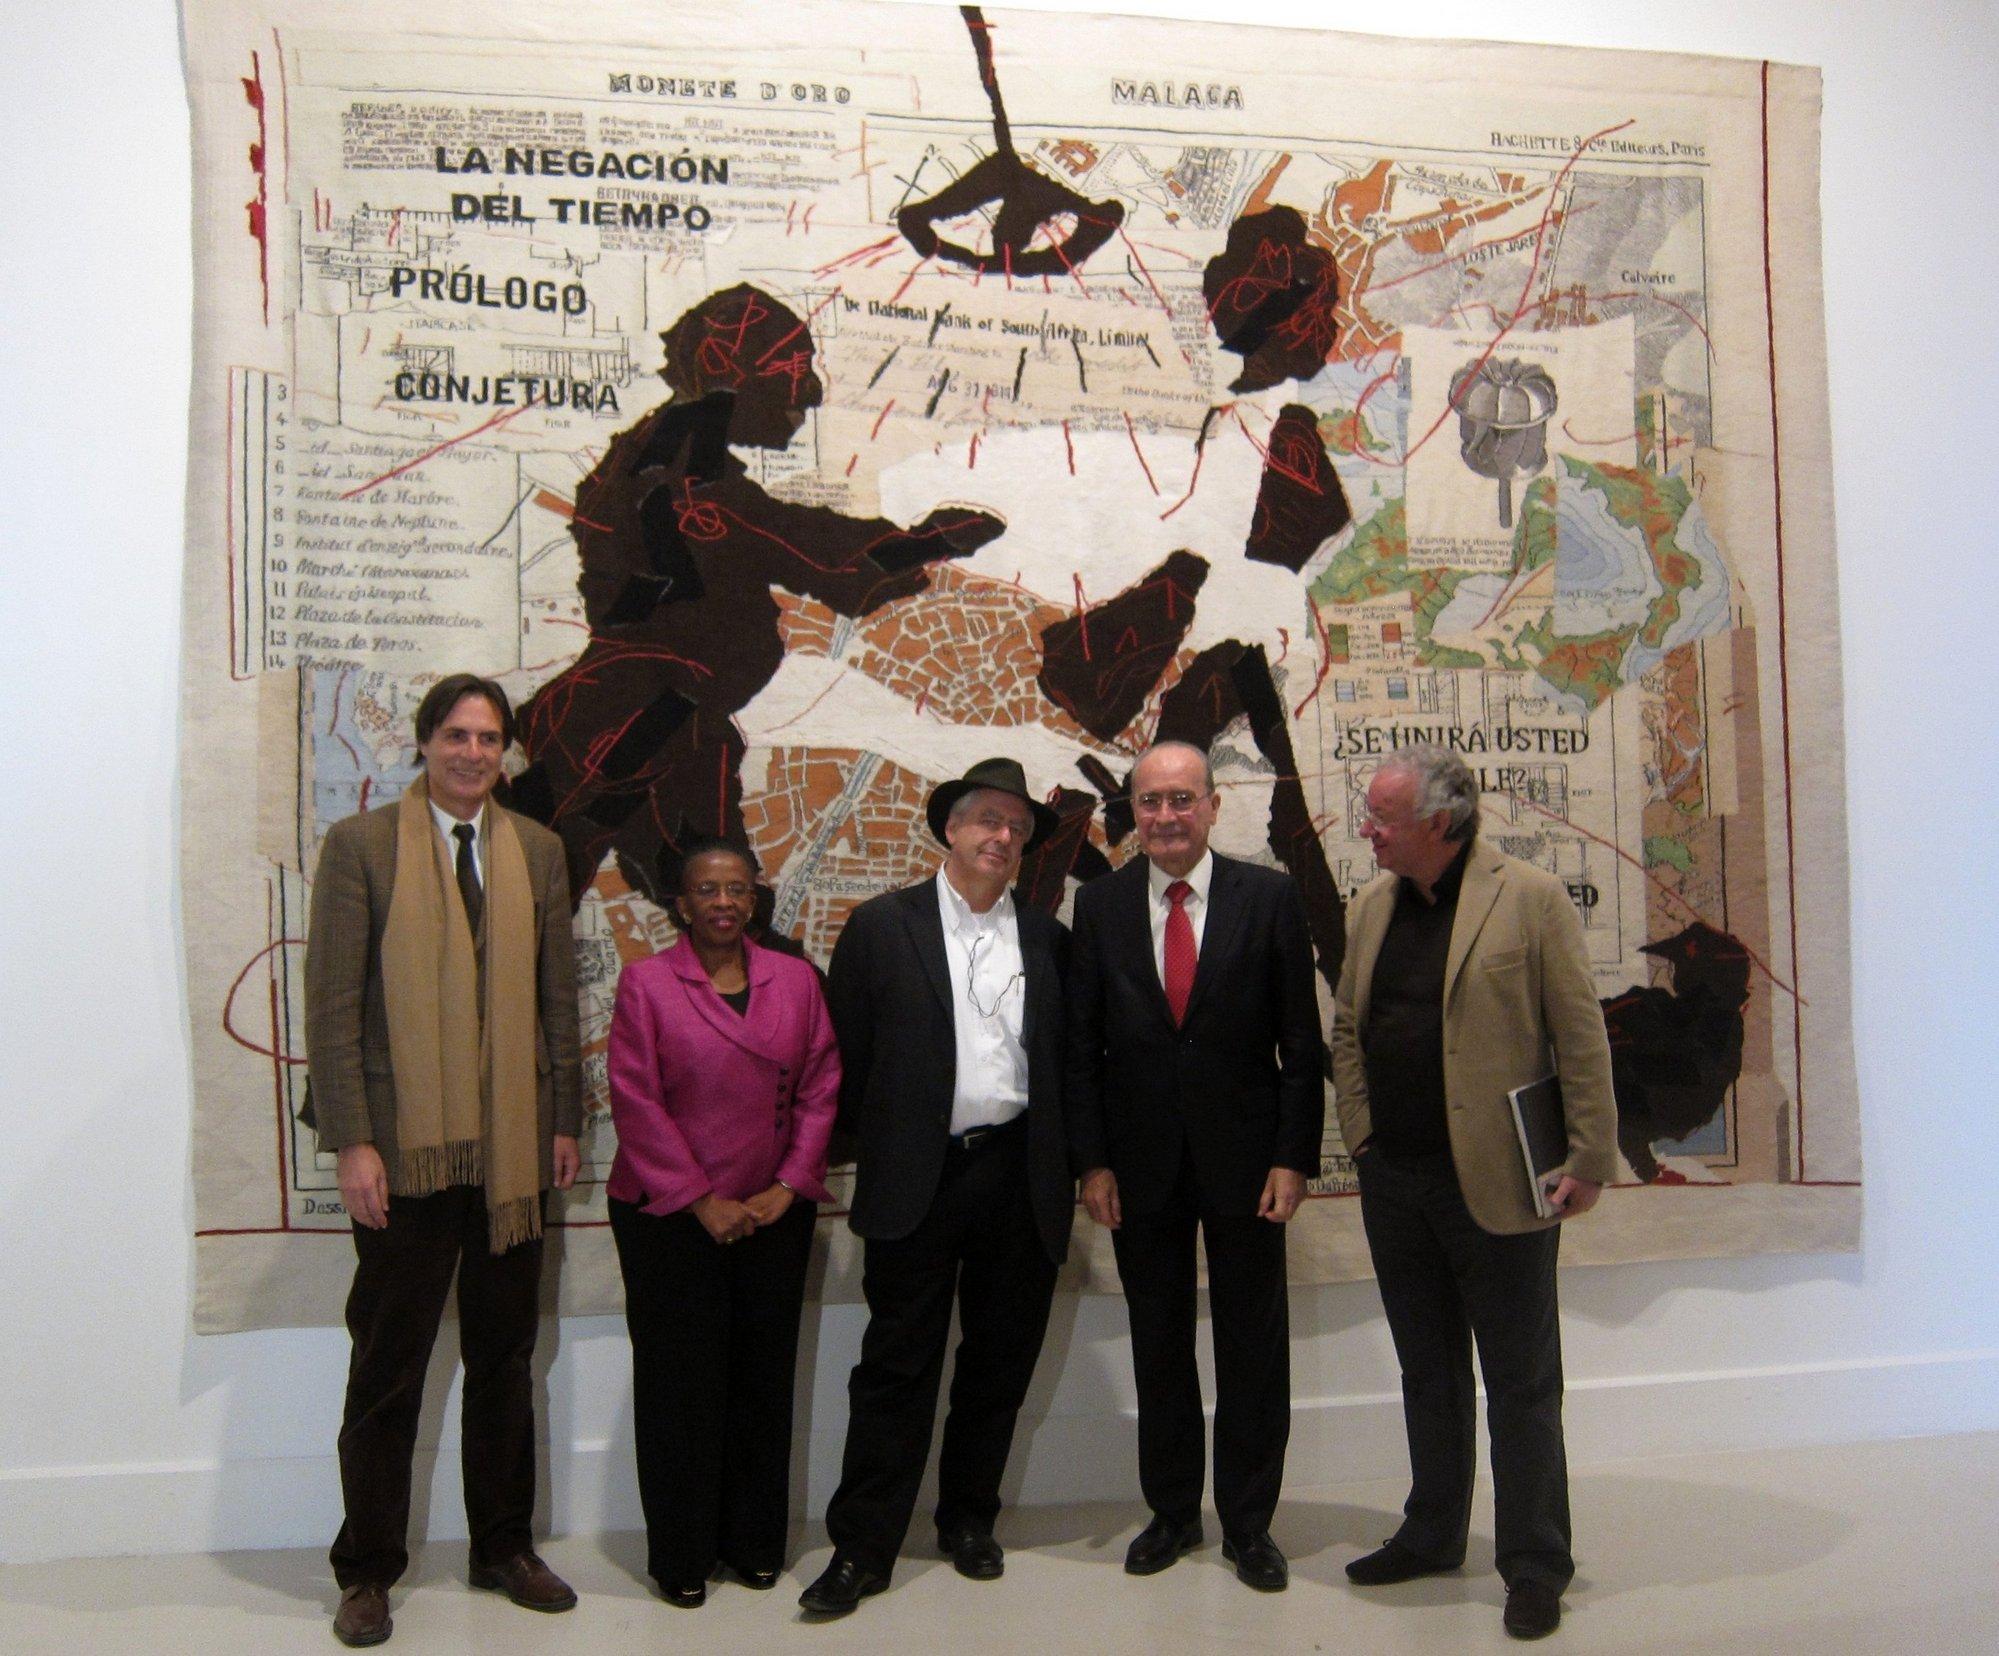 El CAC permanece abierto con las muestras de Marcel Dzama, Carlos Aires y William Kentridge